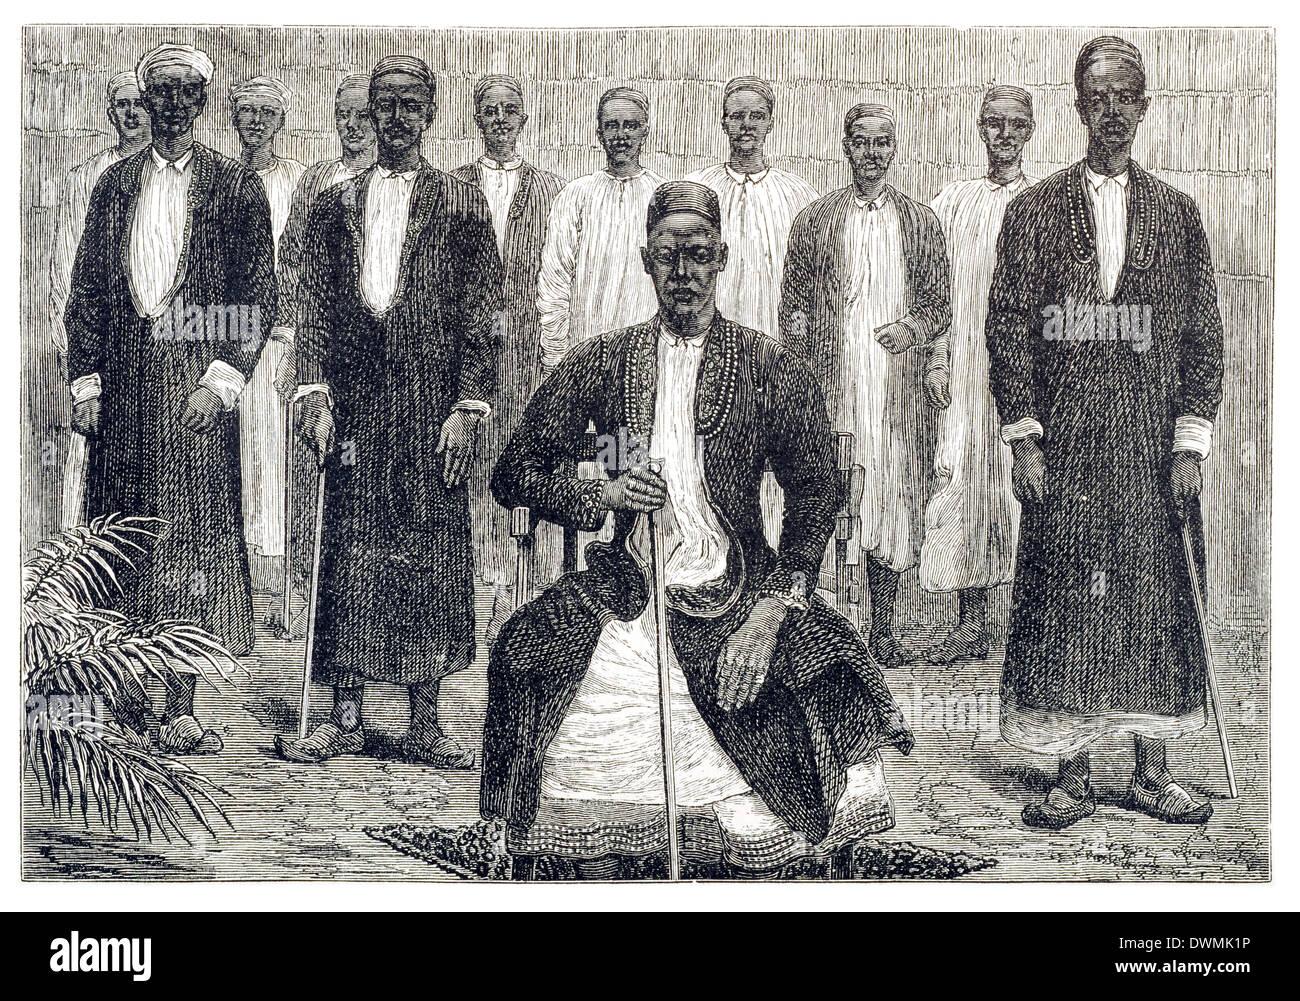 Chefs de tribus L/R Sekeboro Chef d'Chagwe Pokino, le premier ministre, Mtesa l'empereur de l'Ouganda, Chambarango le chef. Photo Stock